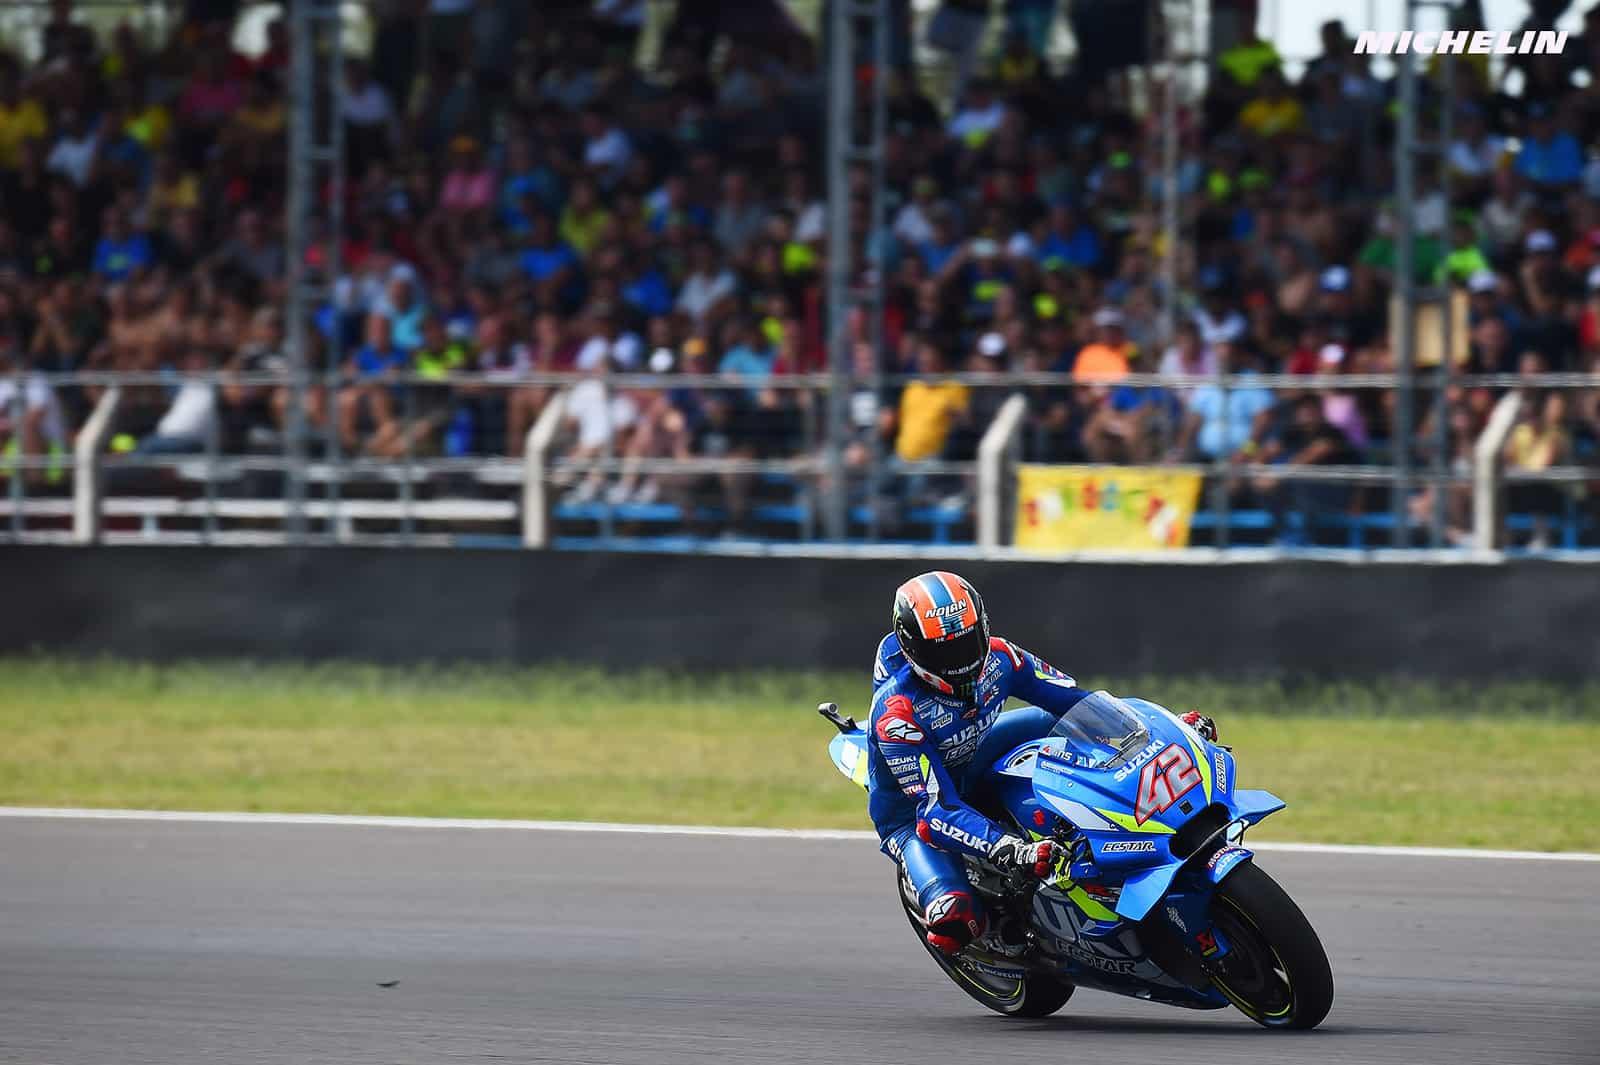 アルゼンチンGP 5位リンス「次回のレースでは予選の改善が必要」